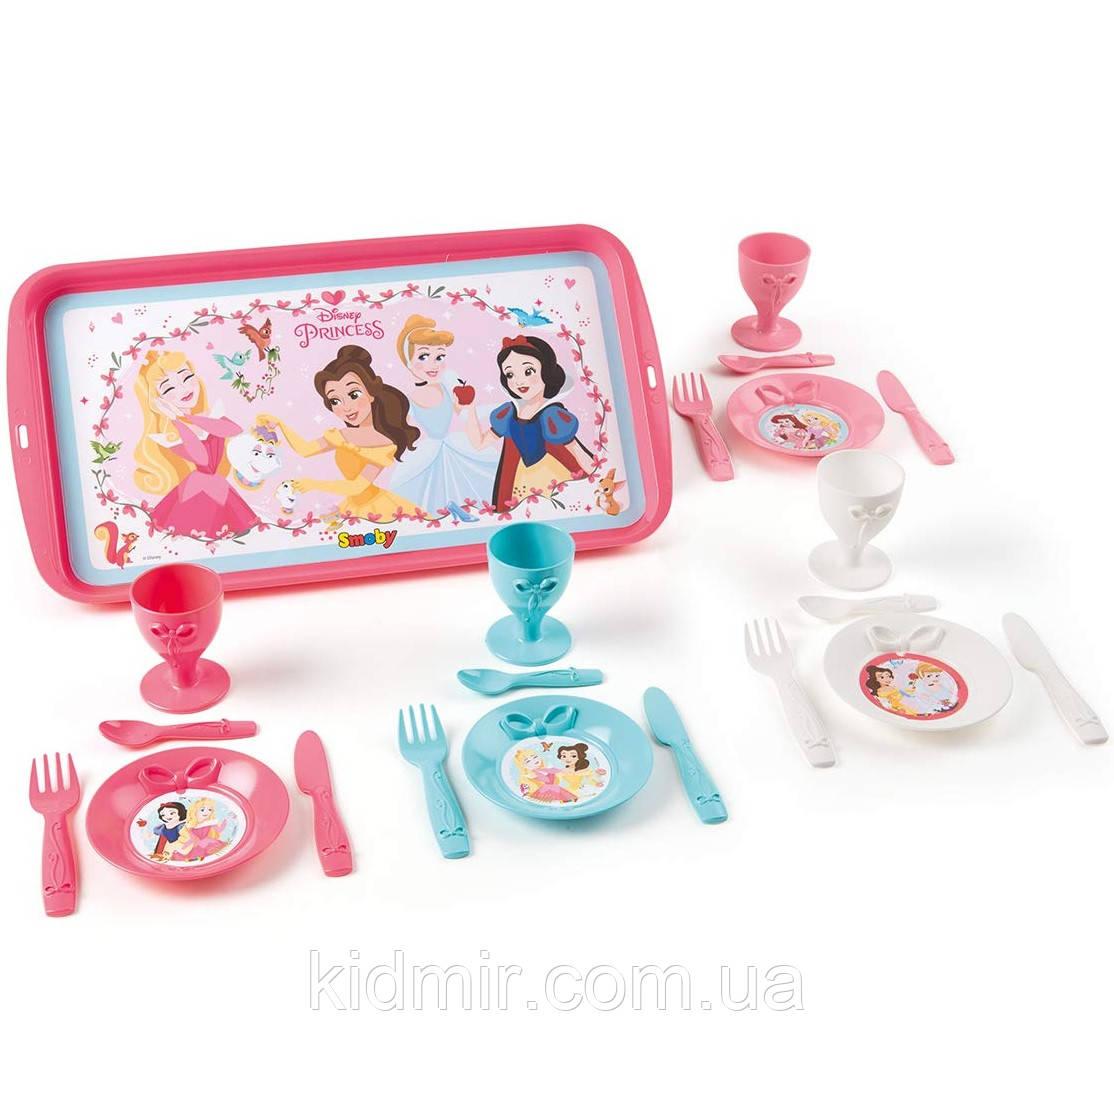 Посудка Полдник с подносом Принцессы Диснея Disney Princess Smoby 310575